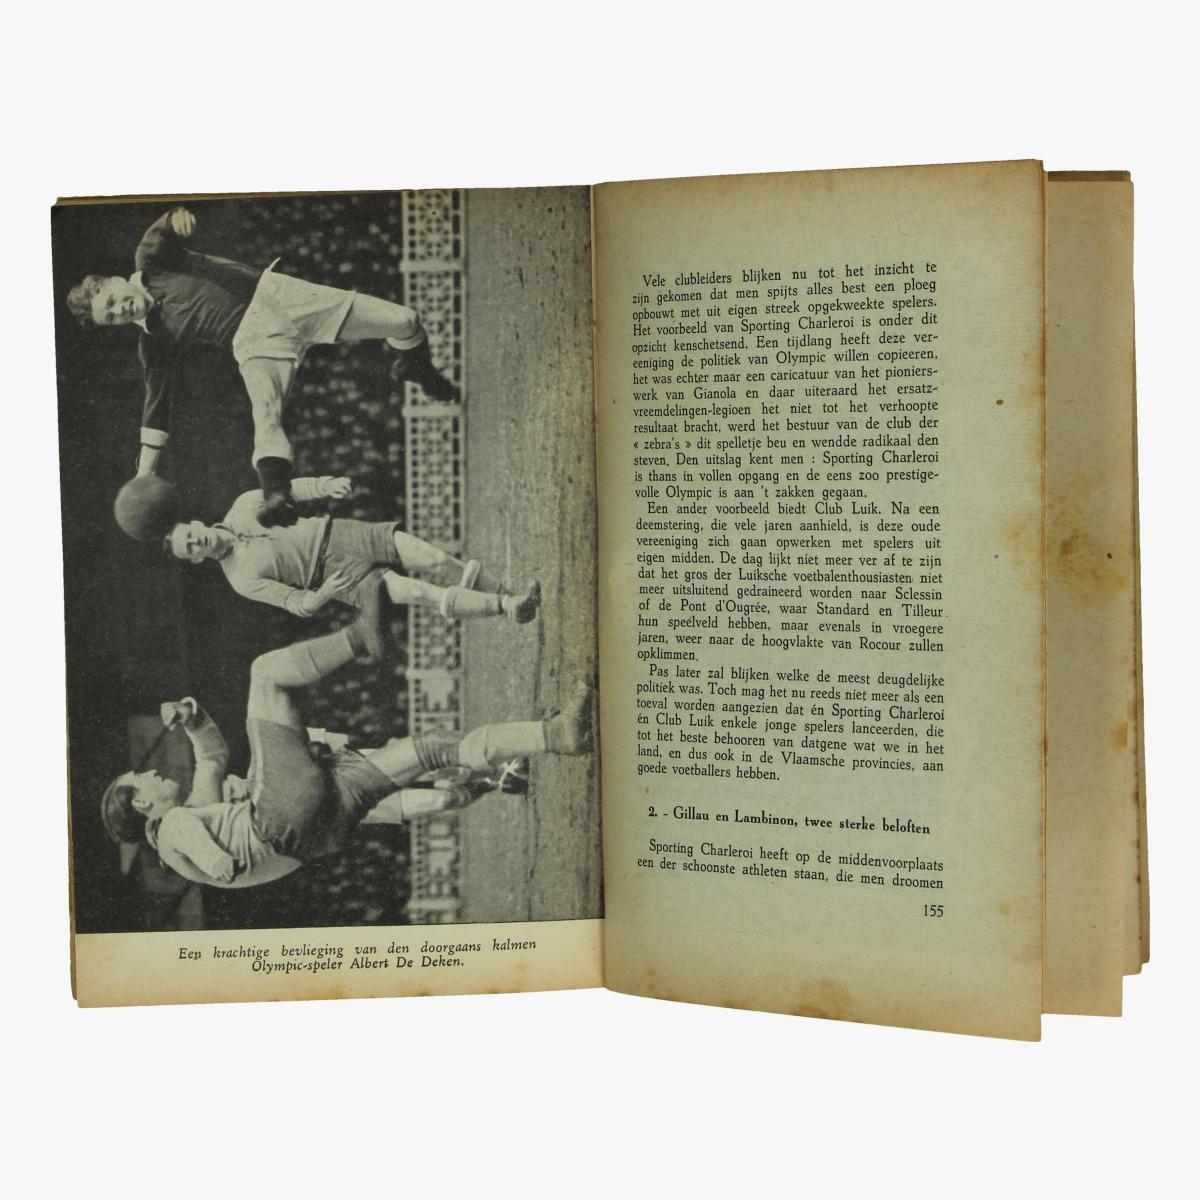 Afbeeldingen van 1943 voetballers van heden door pol jacquemyns